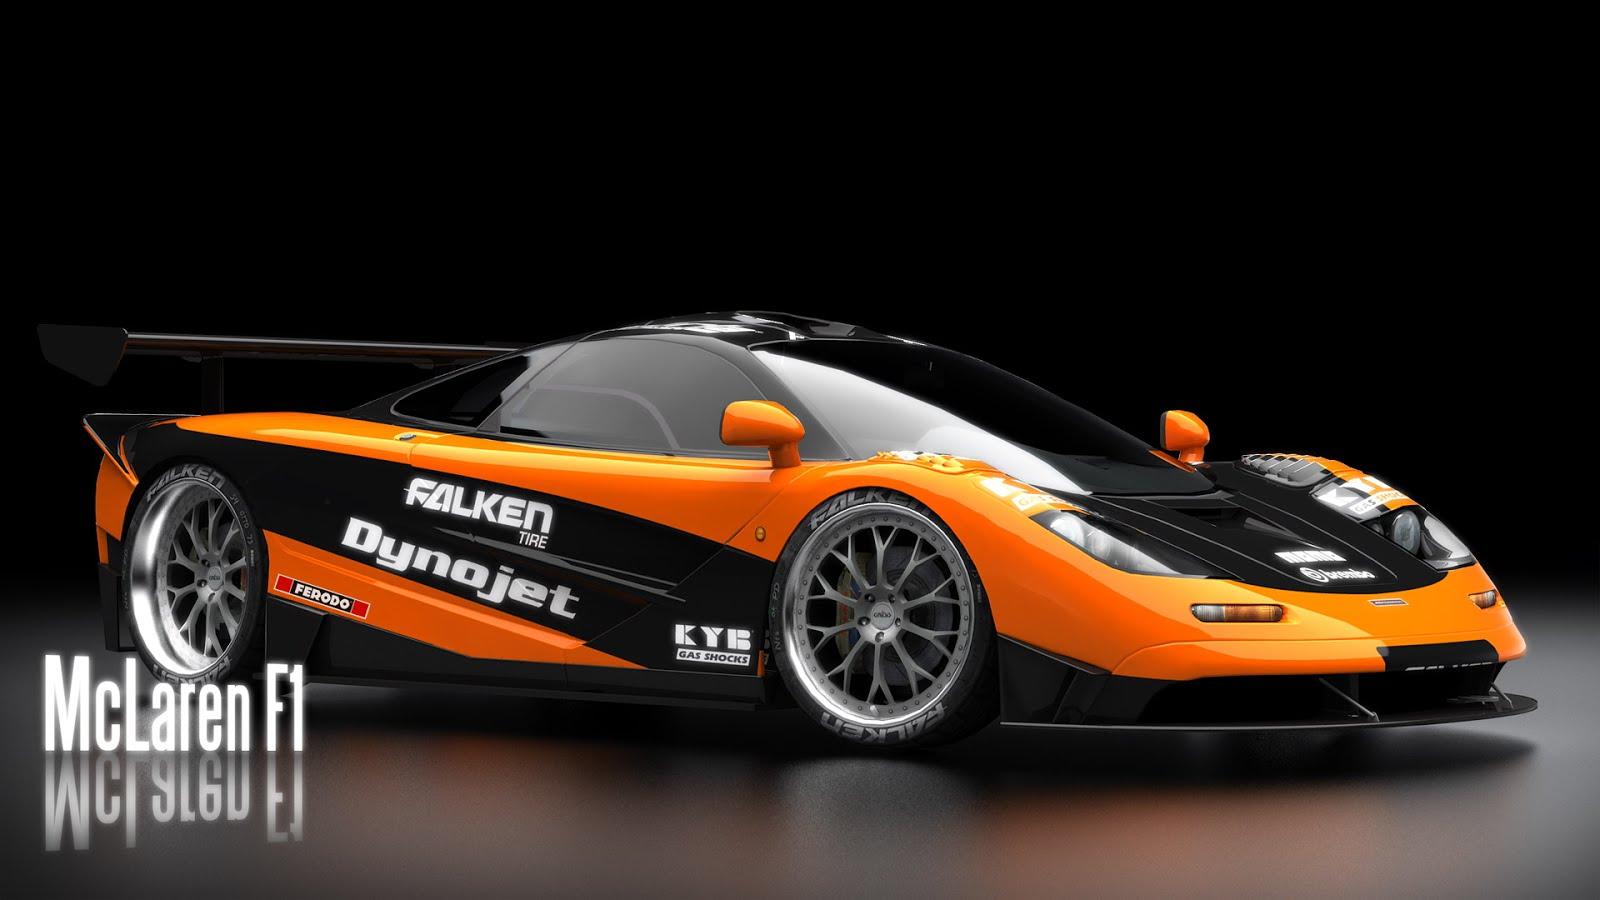 FIAT Cool Car Wallpaper